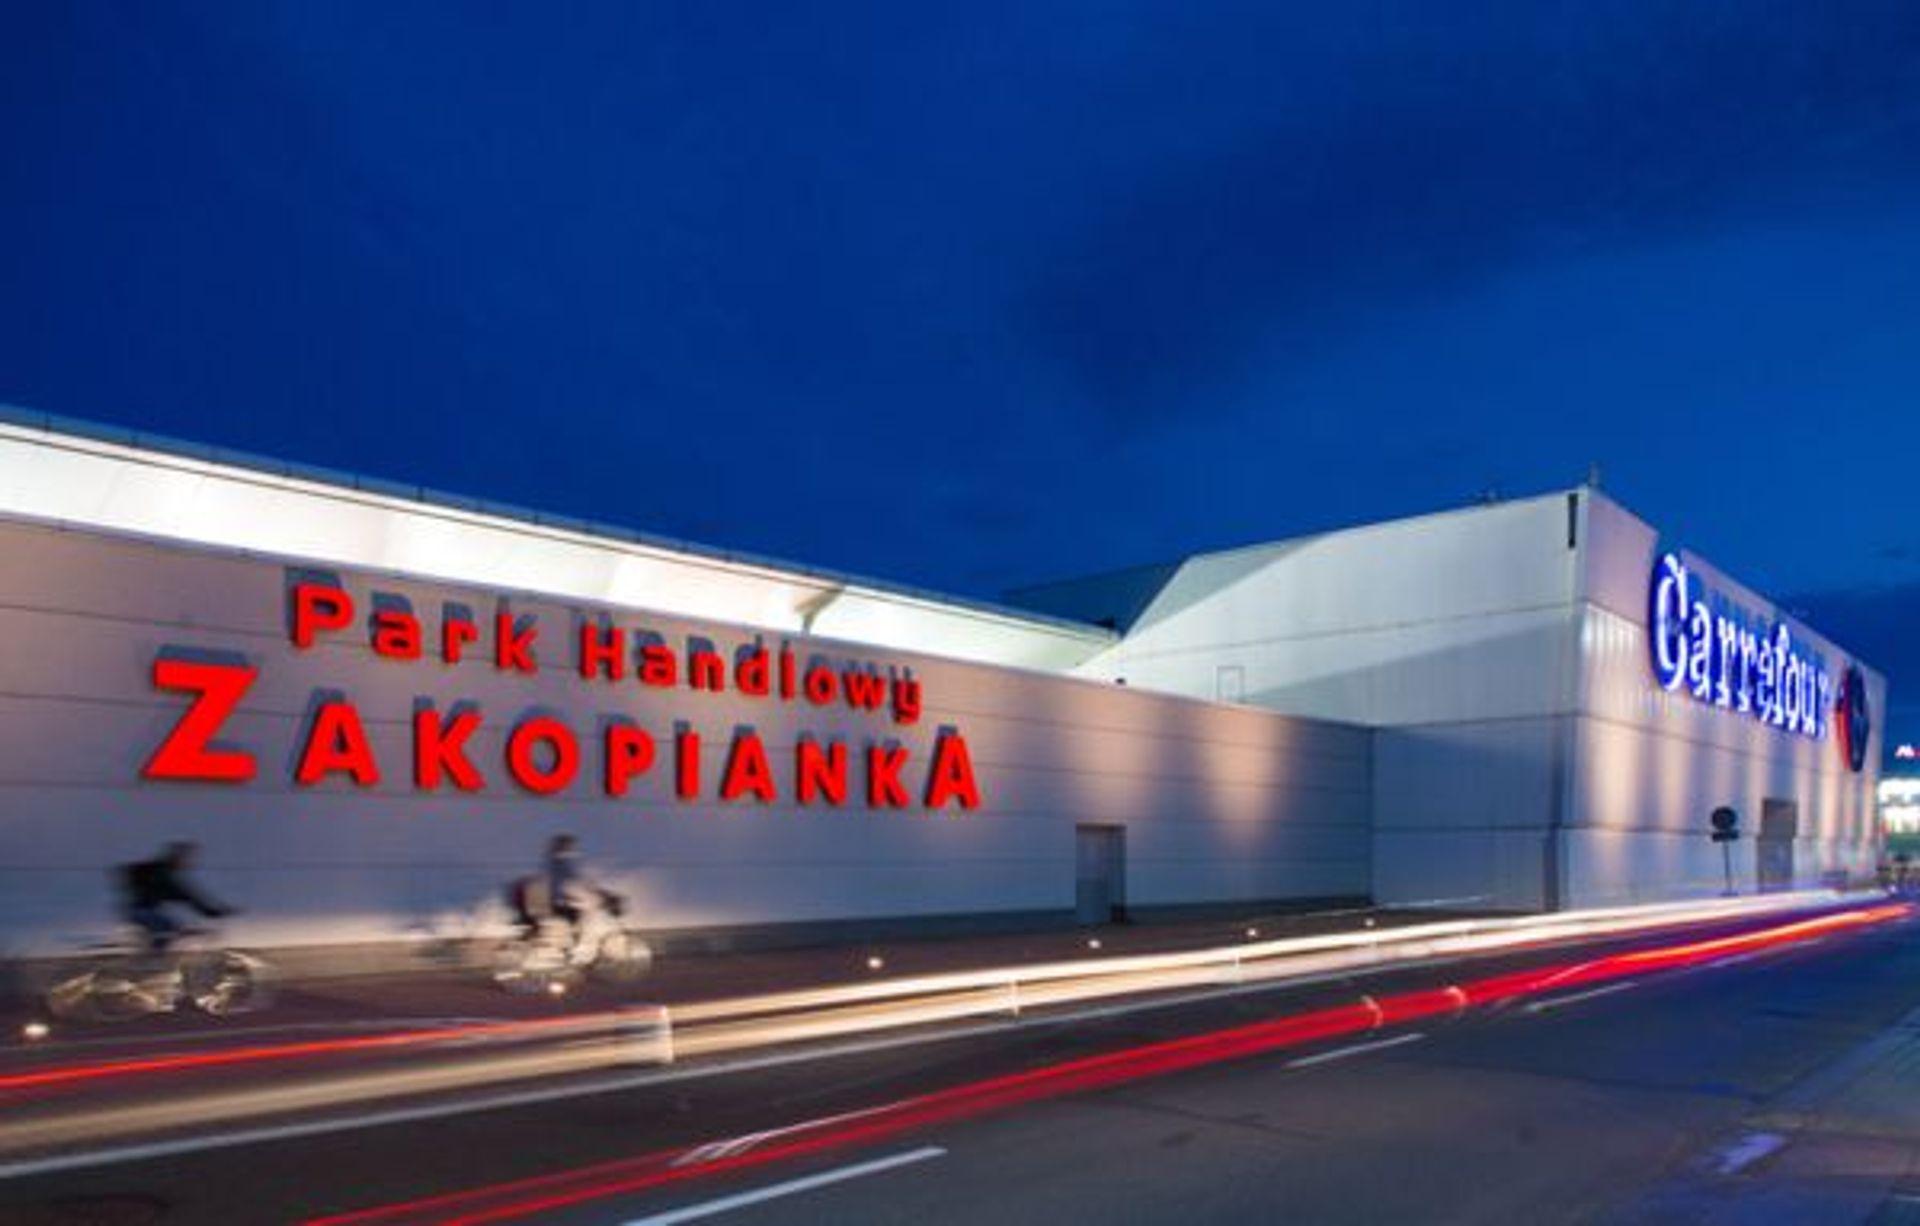 [Kraków] Echo Polska Properties kupuje park handlowy w Krakowie za 54 miliony euro